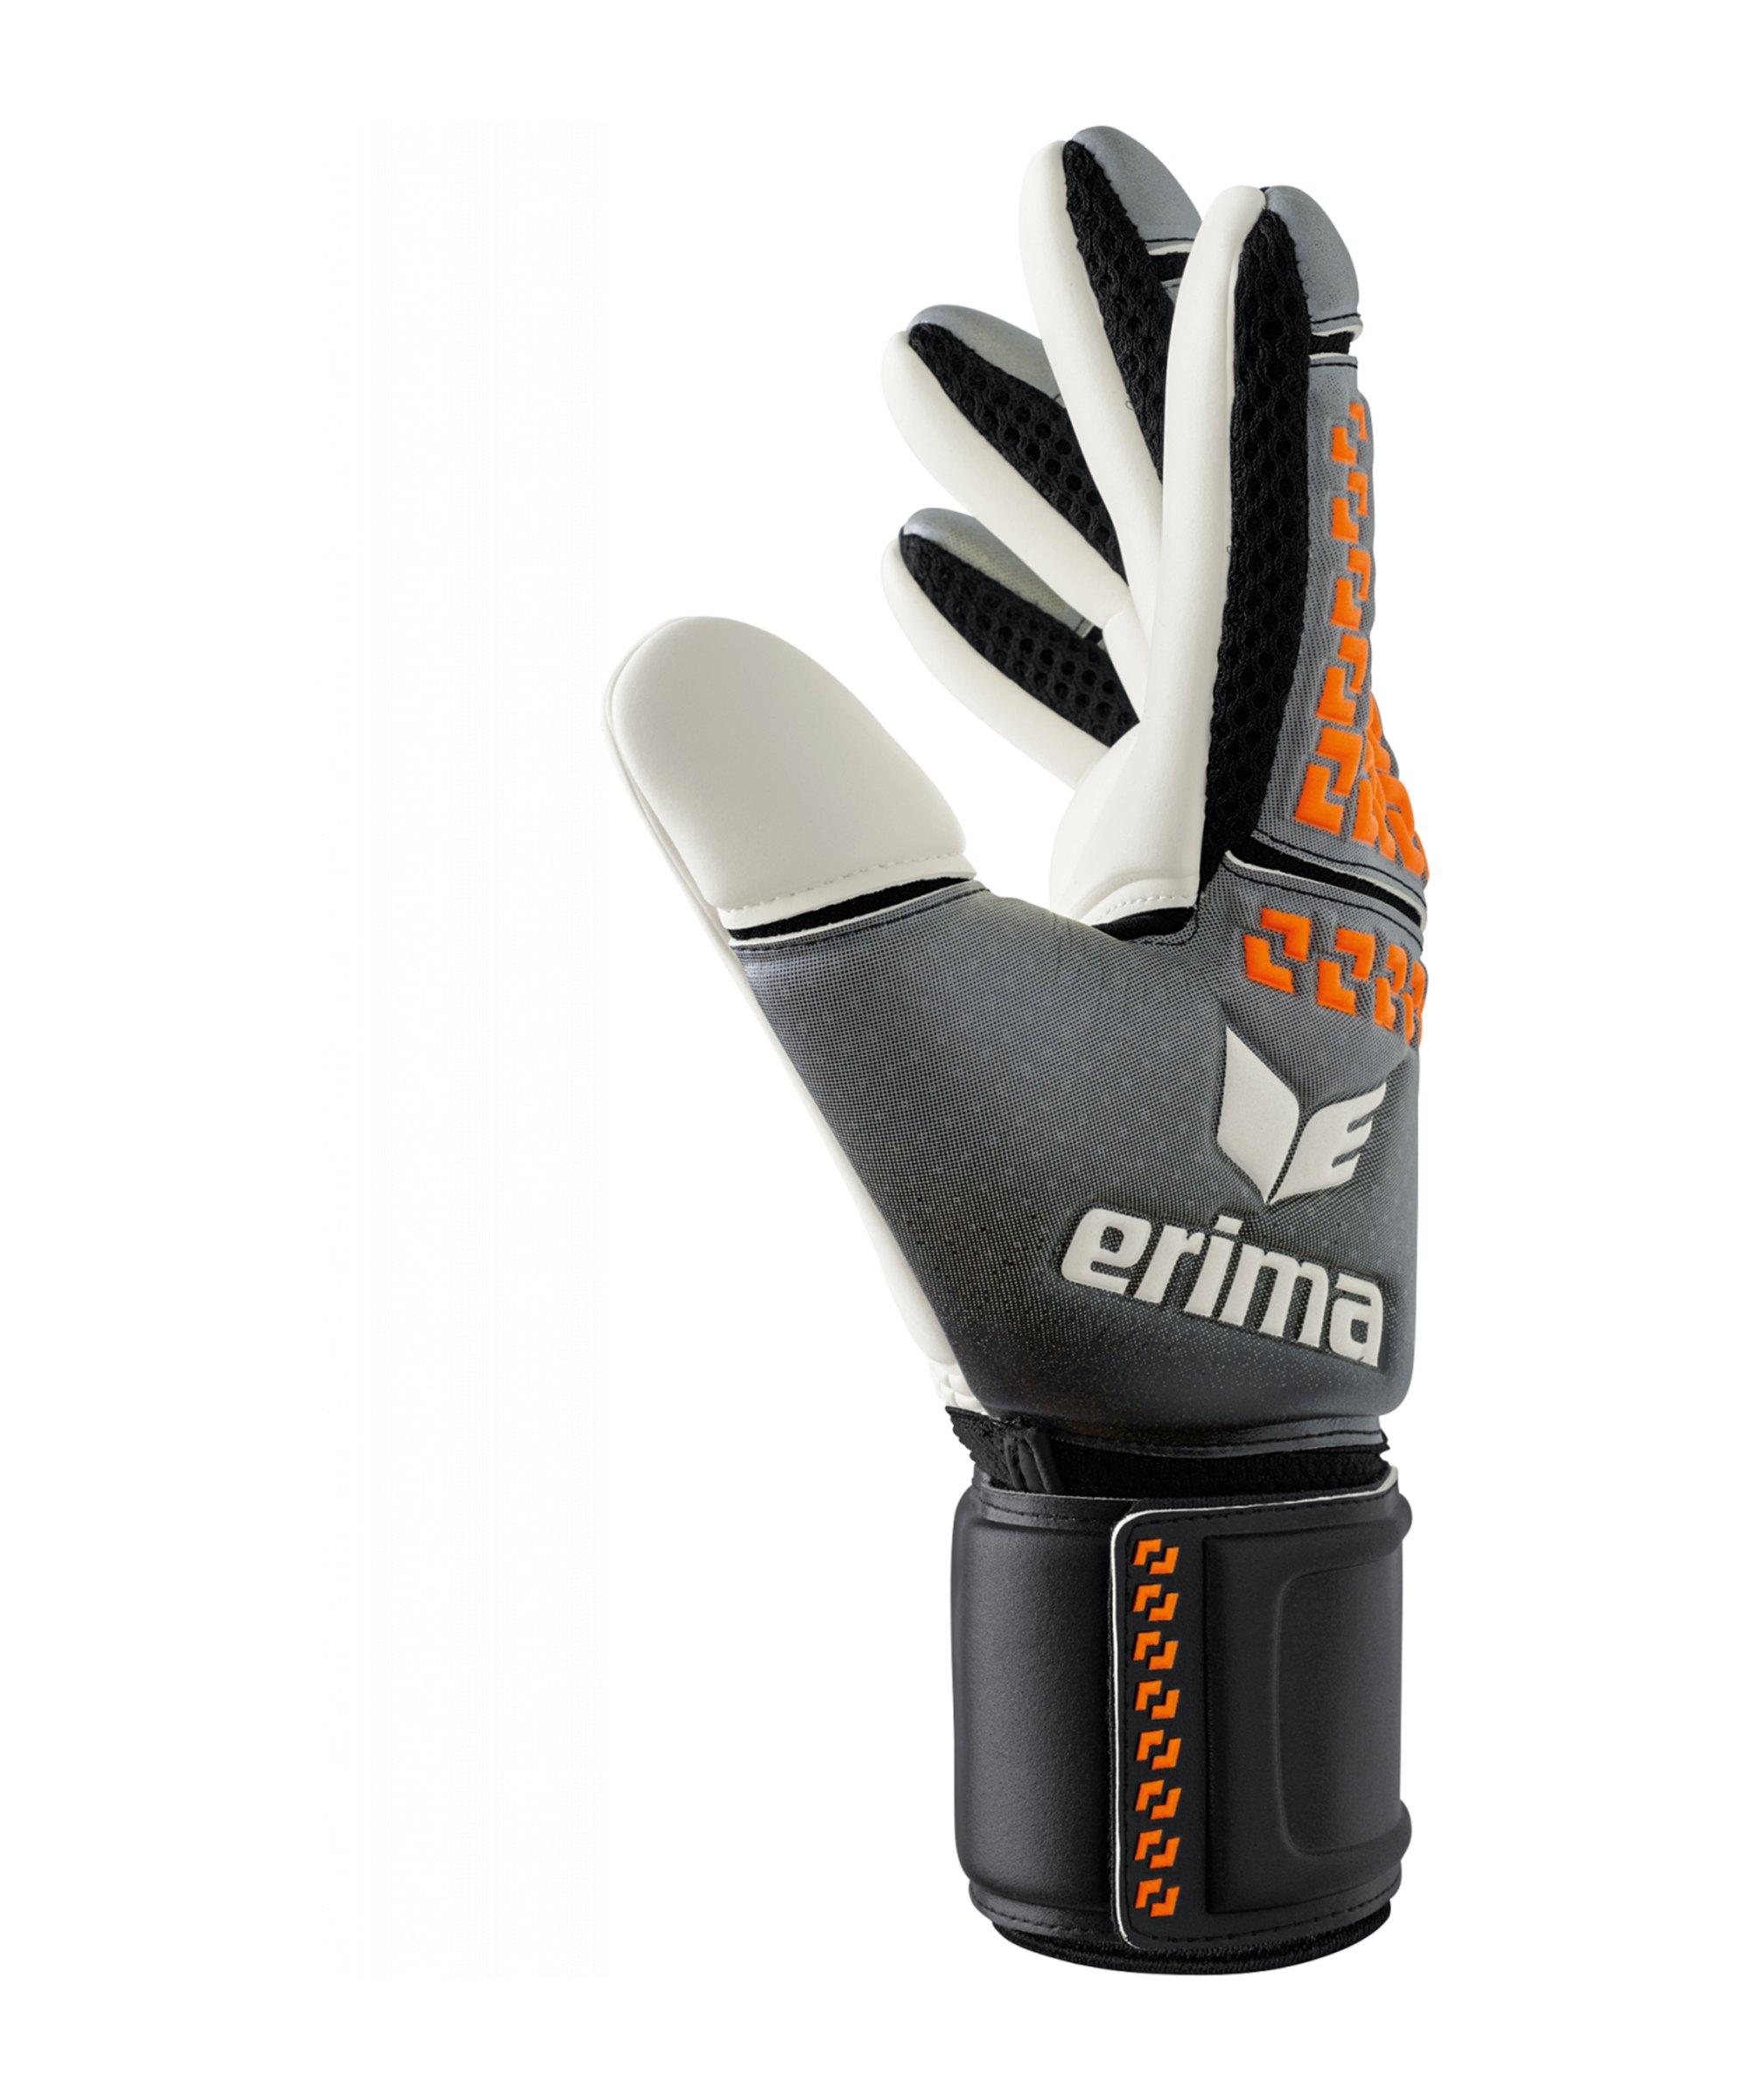 Erima Skinator Torwarthandschuh Schwarz Orange - schwarz